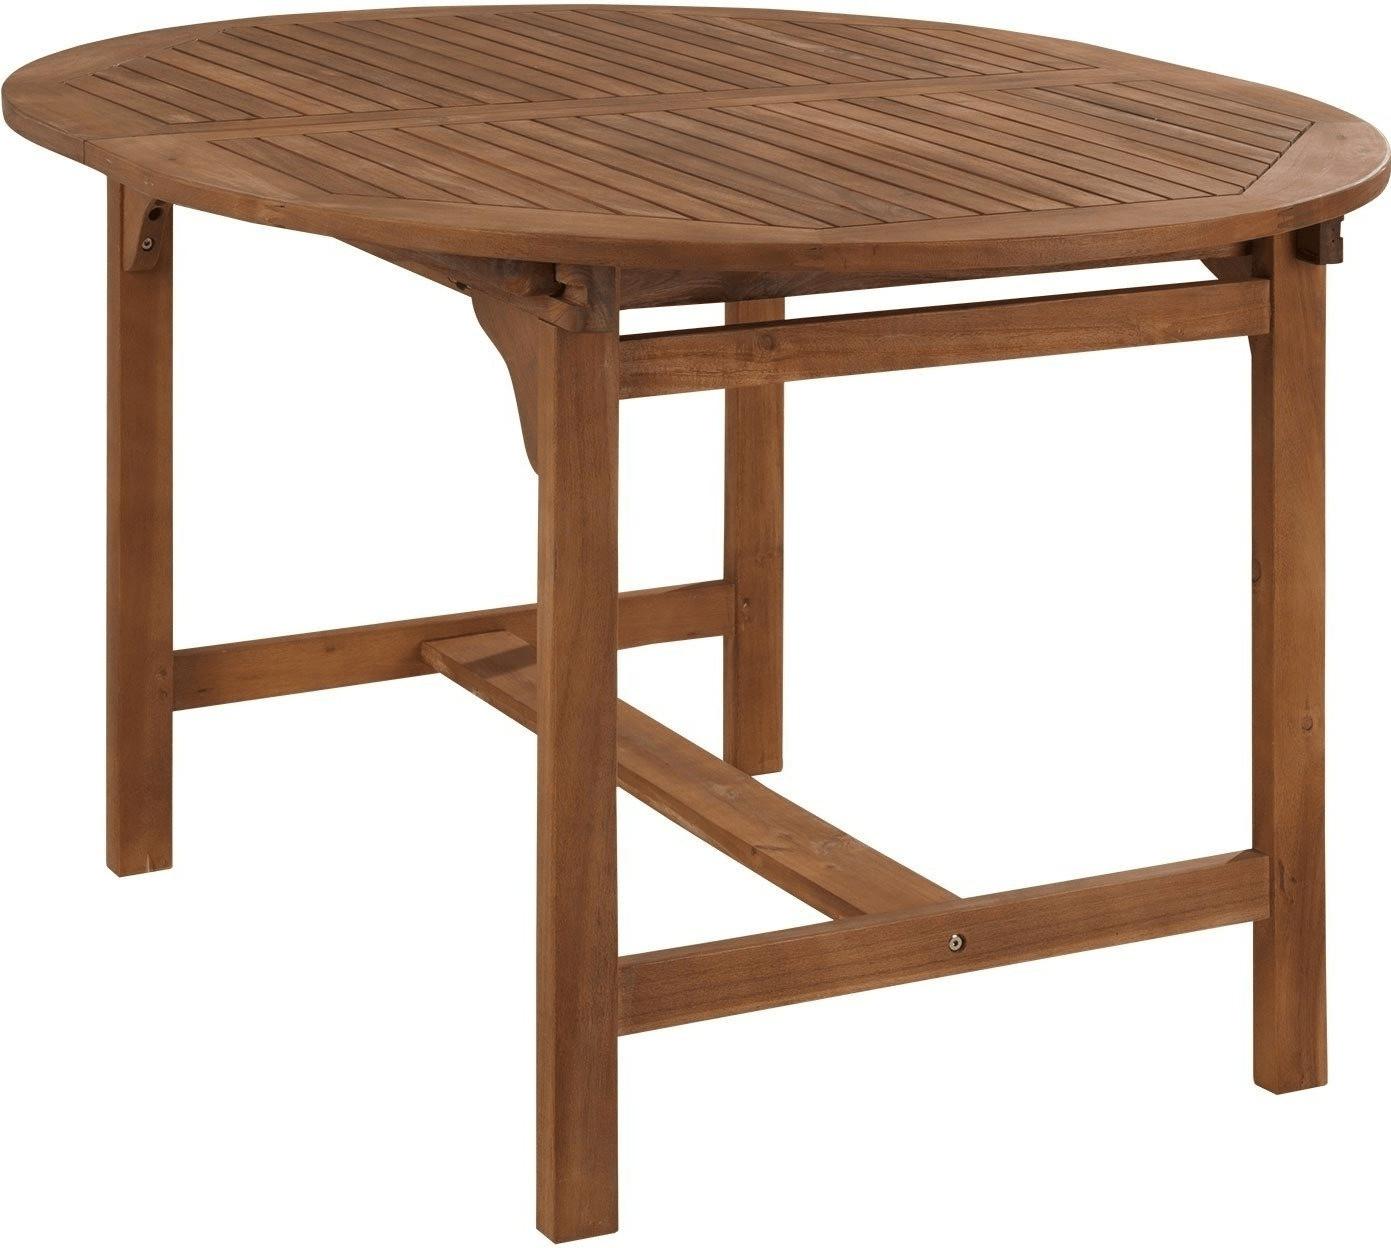 Merxx Gartentisch Oval 120/170x100cm Akazie Ausziehbar (23917 011)